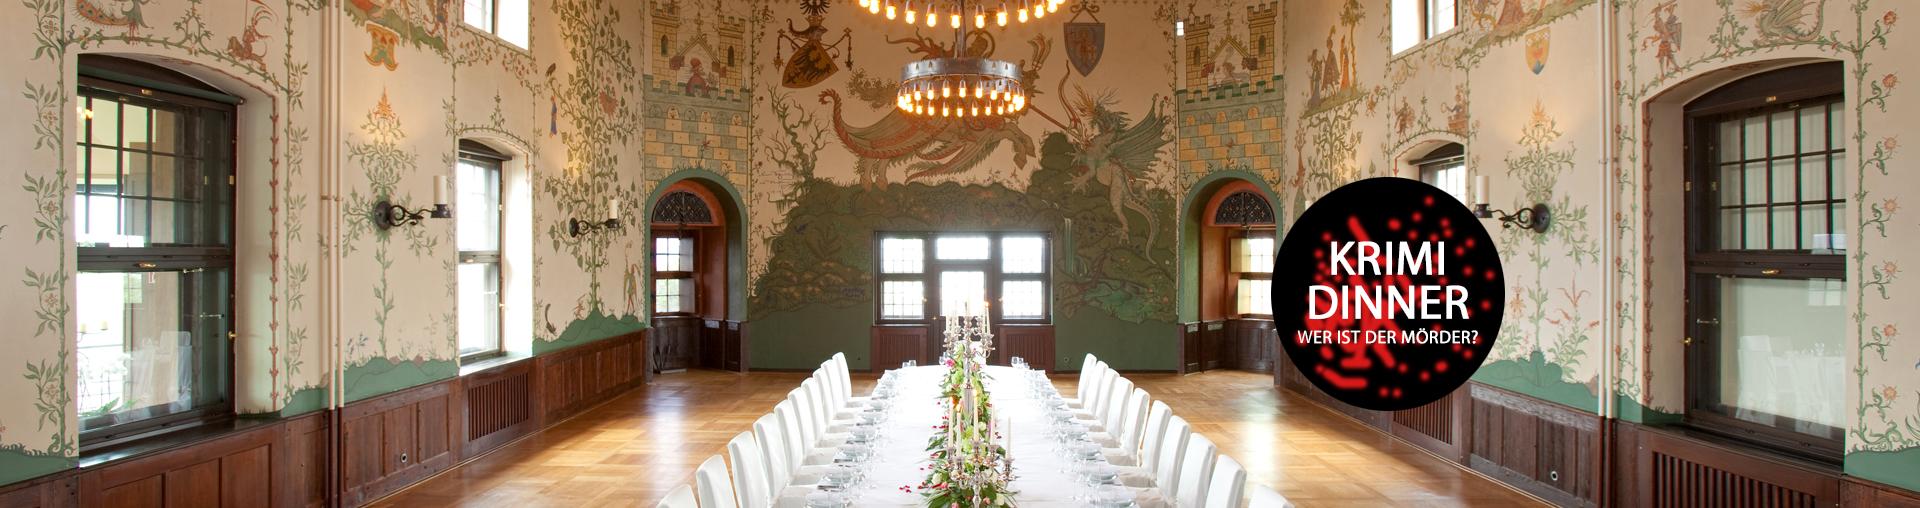 Angebot Krimidinner im Wappensaal Romantik Hotel auf der Wartburg in Eisenach